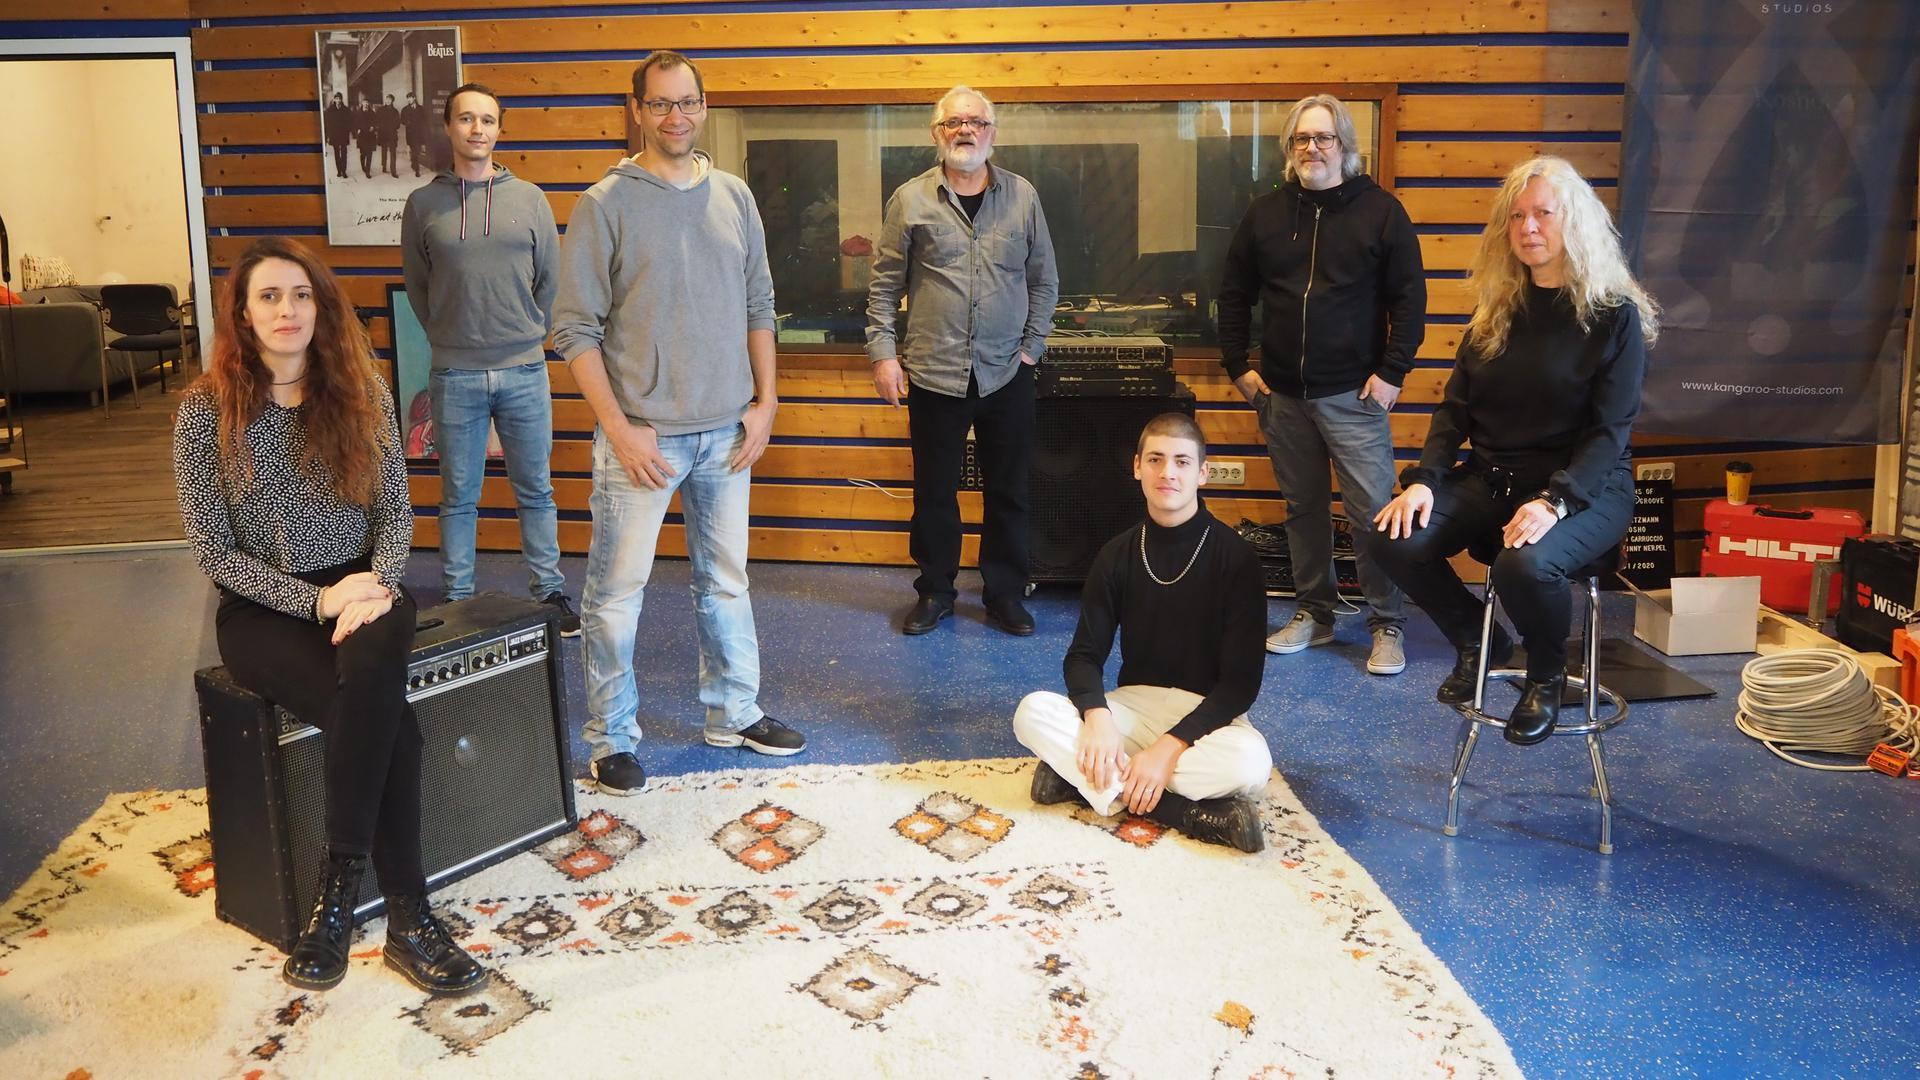 Mehrere Menschen in einem Tonstudio